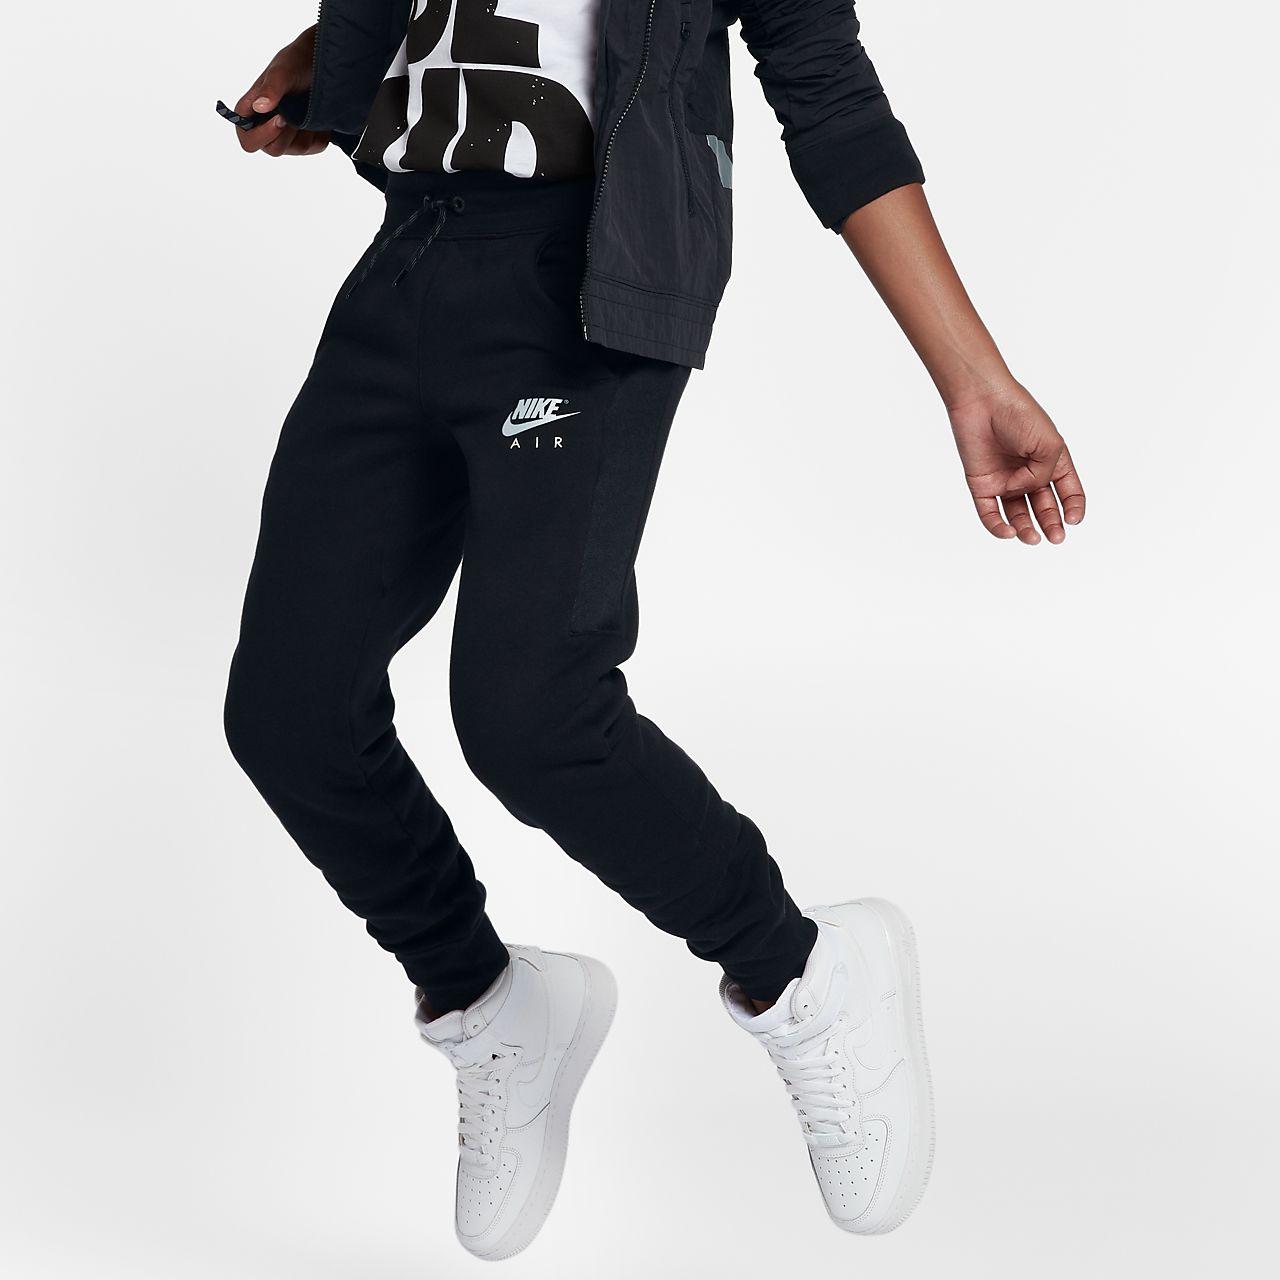 Nike Eldre Barn Gutt Billige Eldre Barn Gutt,Nike Sko Tilbud Billige Eldre Barn Gutt,Nike Sko Tilbud